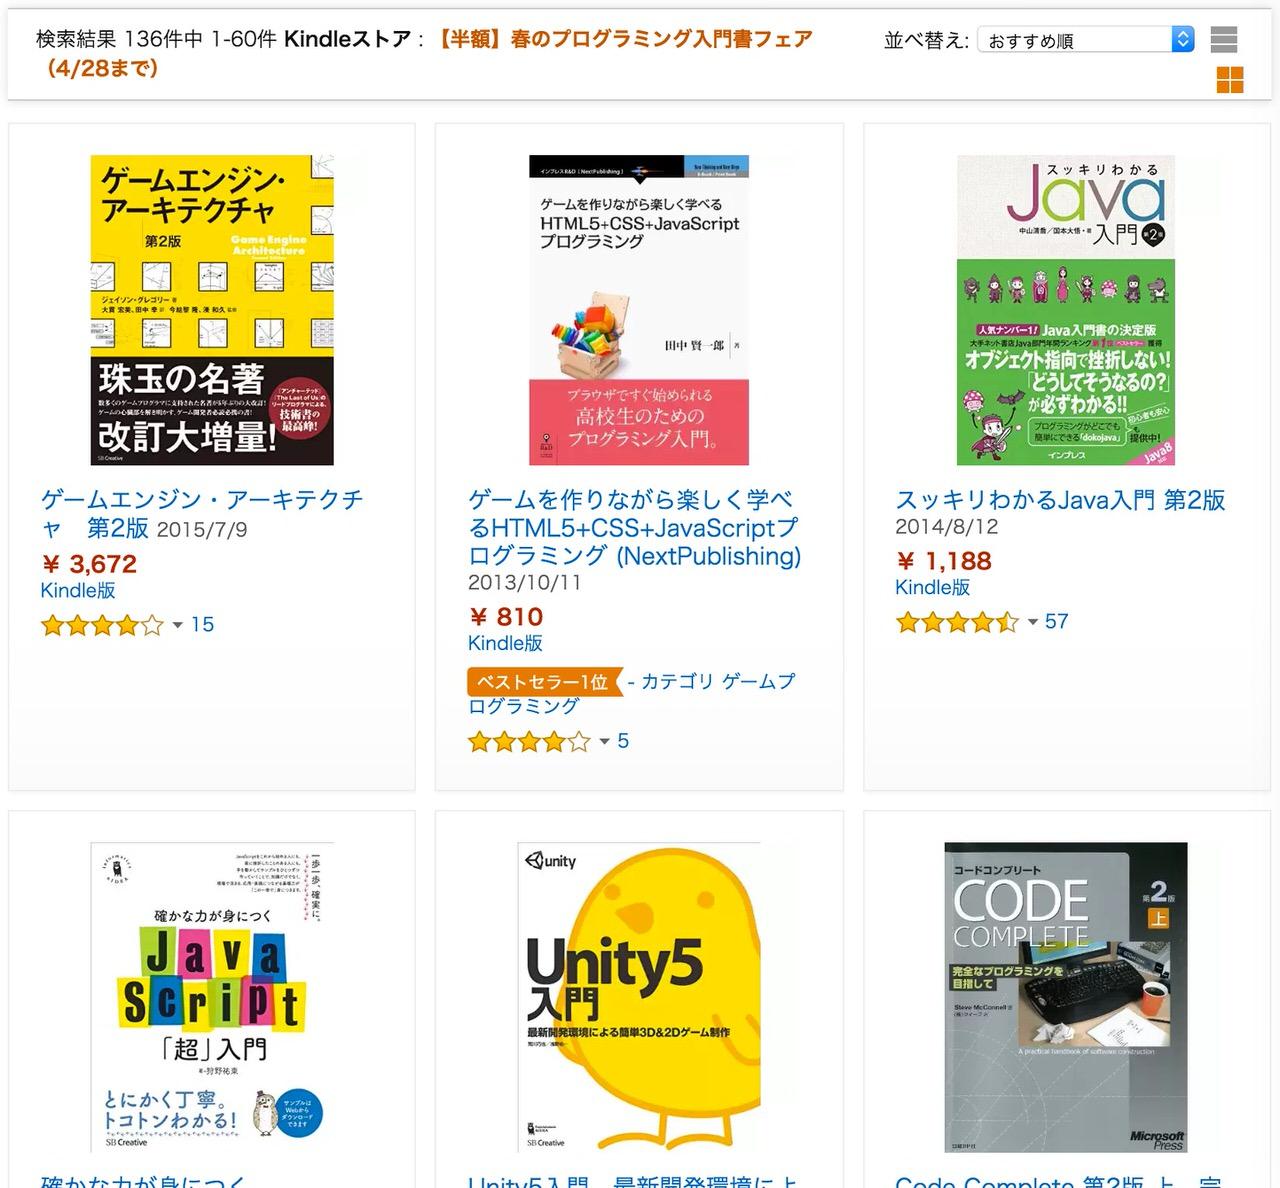 【Kindle】 「【半額】春のプログラミング入門書フェア」実施中(4/28まで)